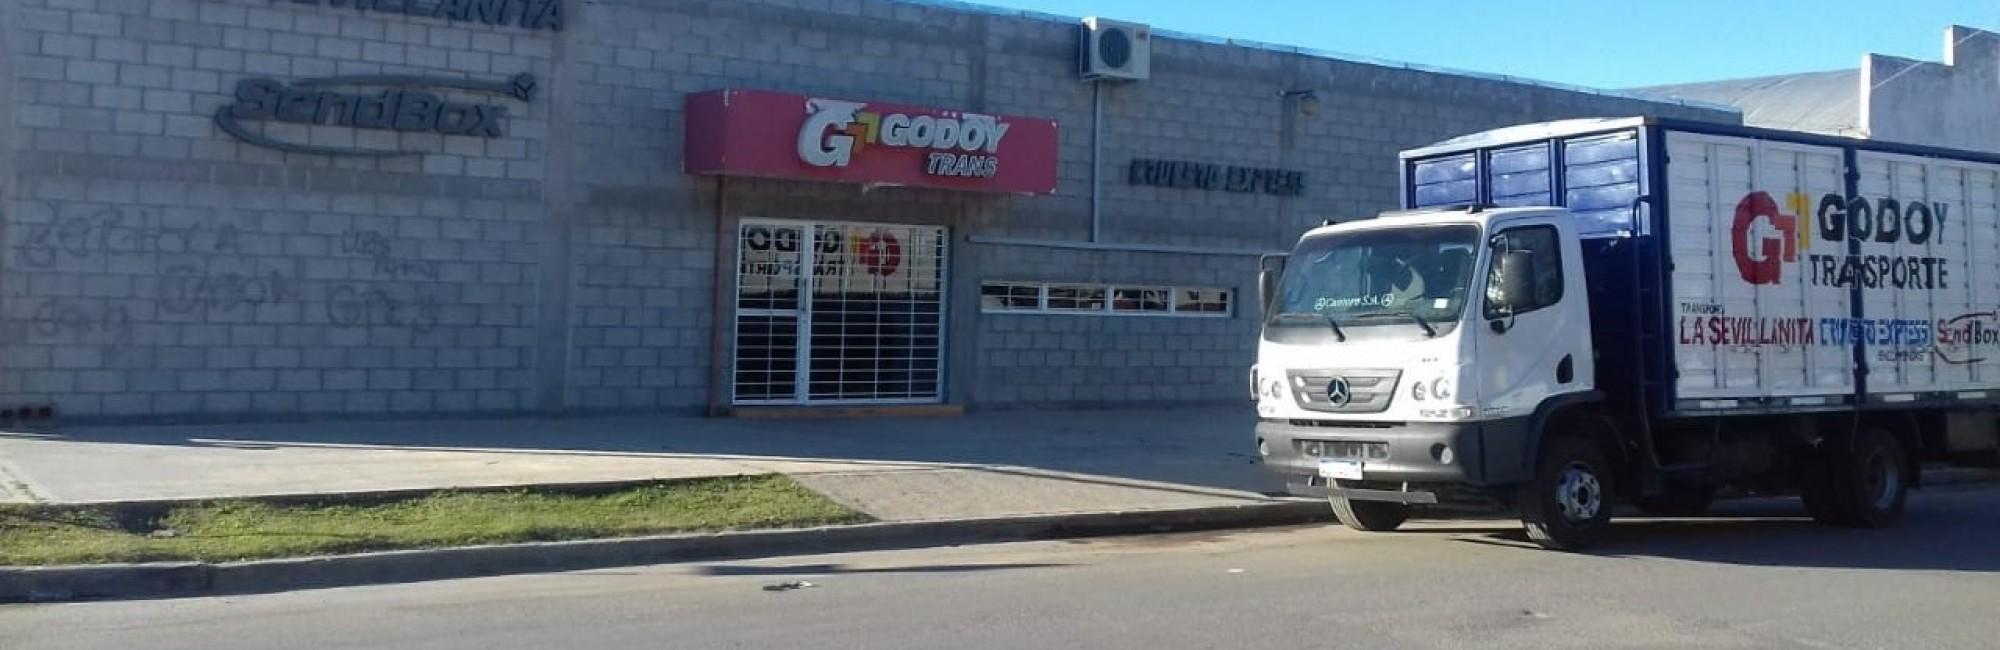 Transporte Godoy